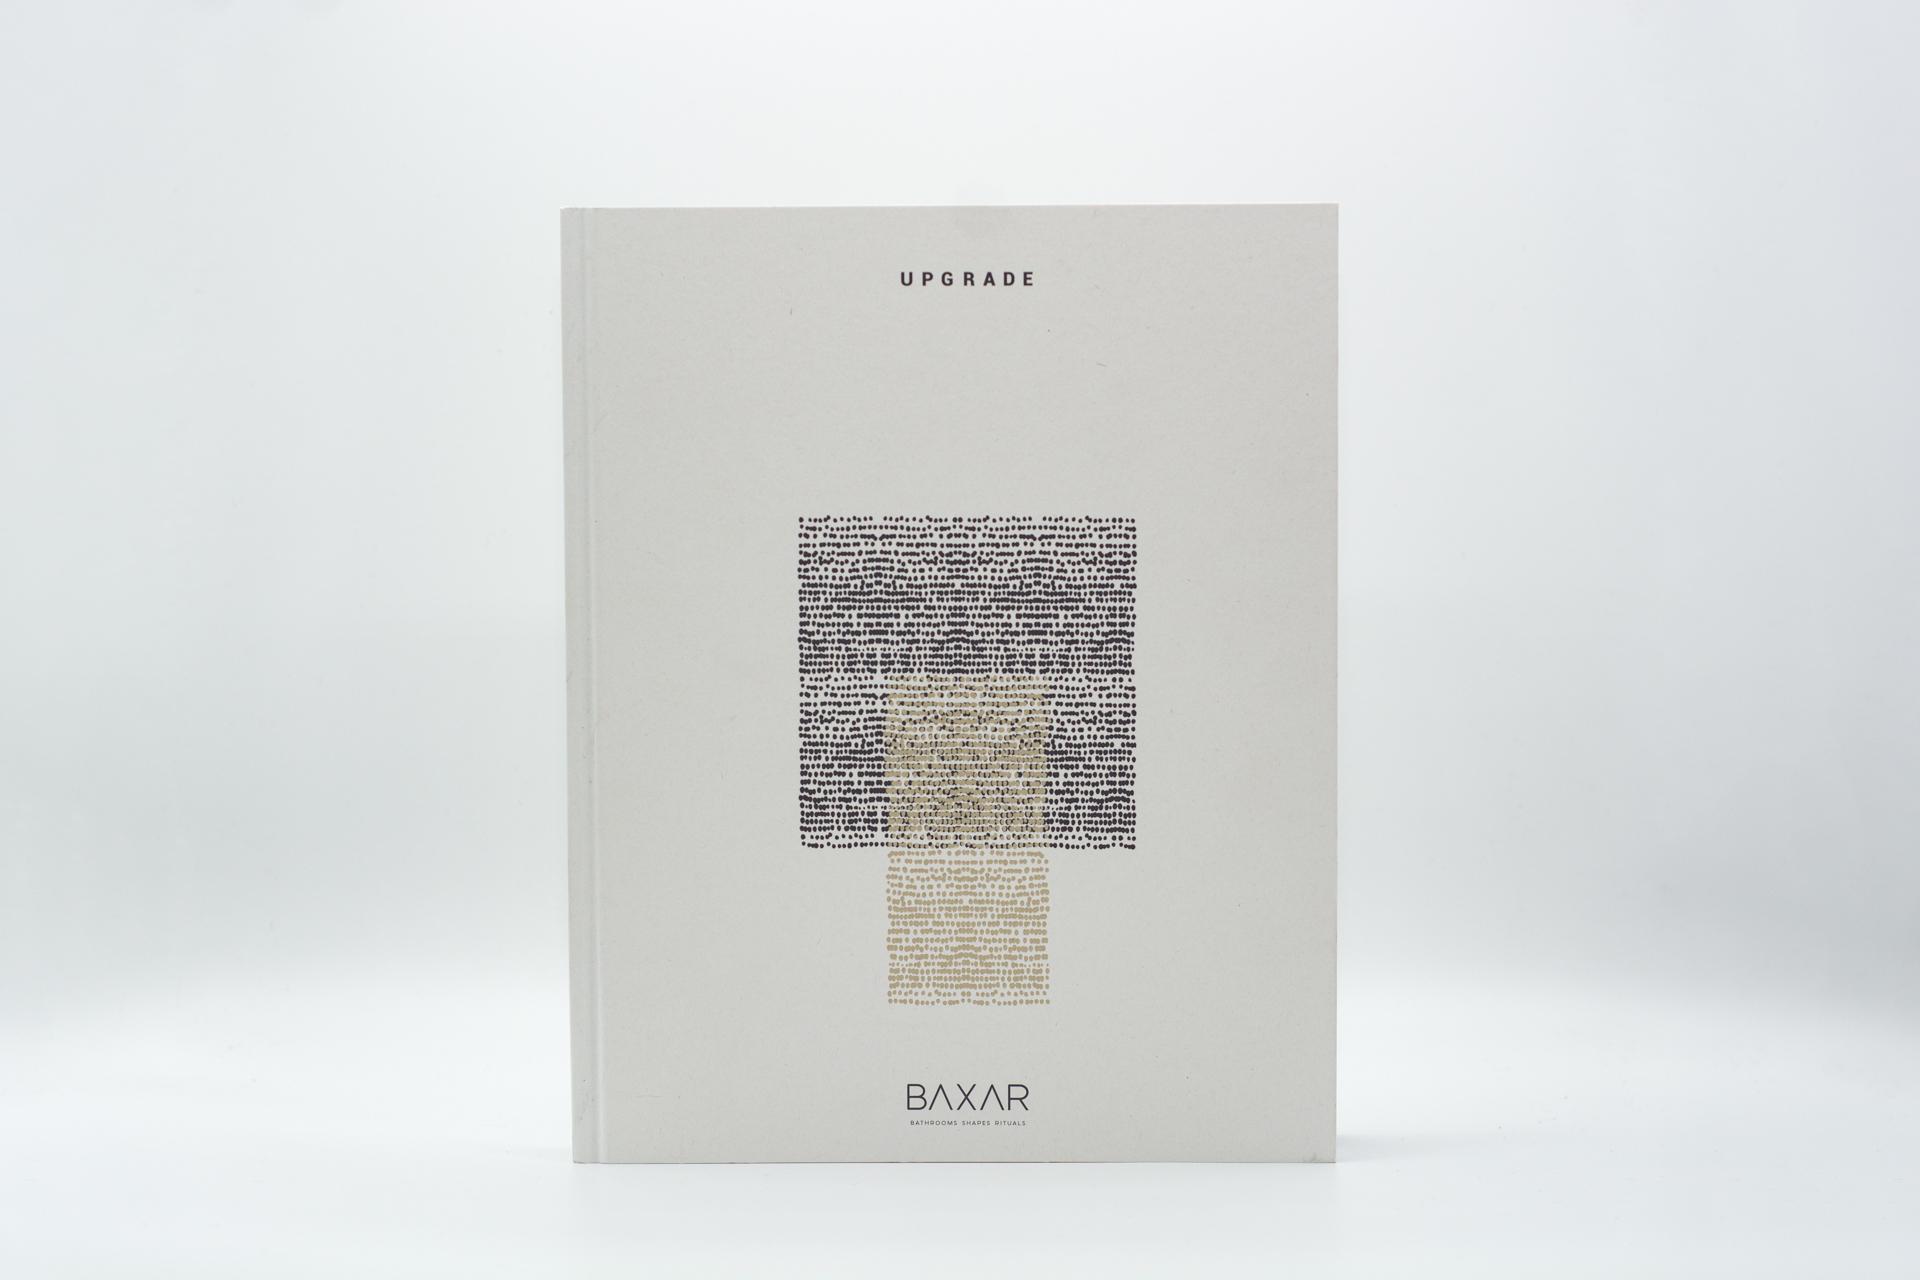 azzurra-baxar-bagno-upgrade-cover